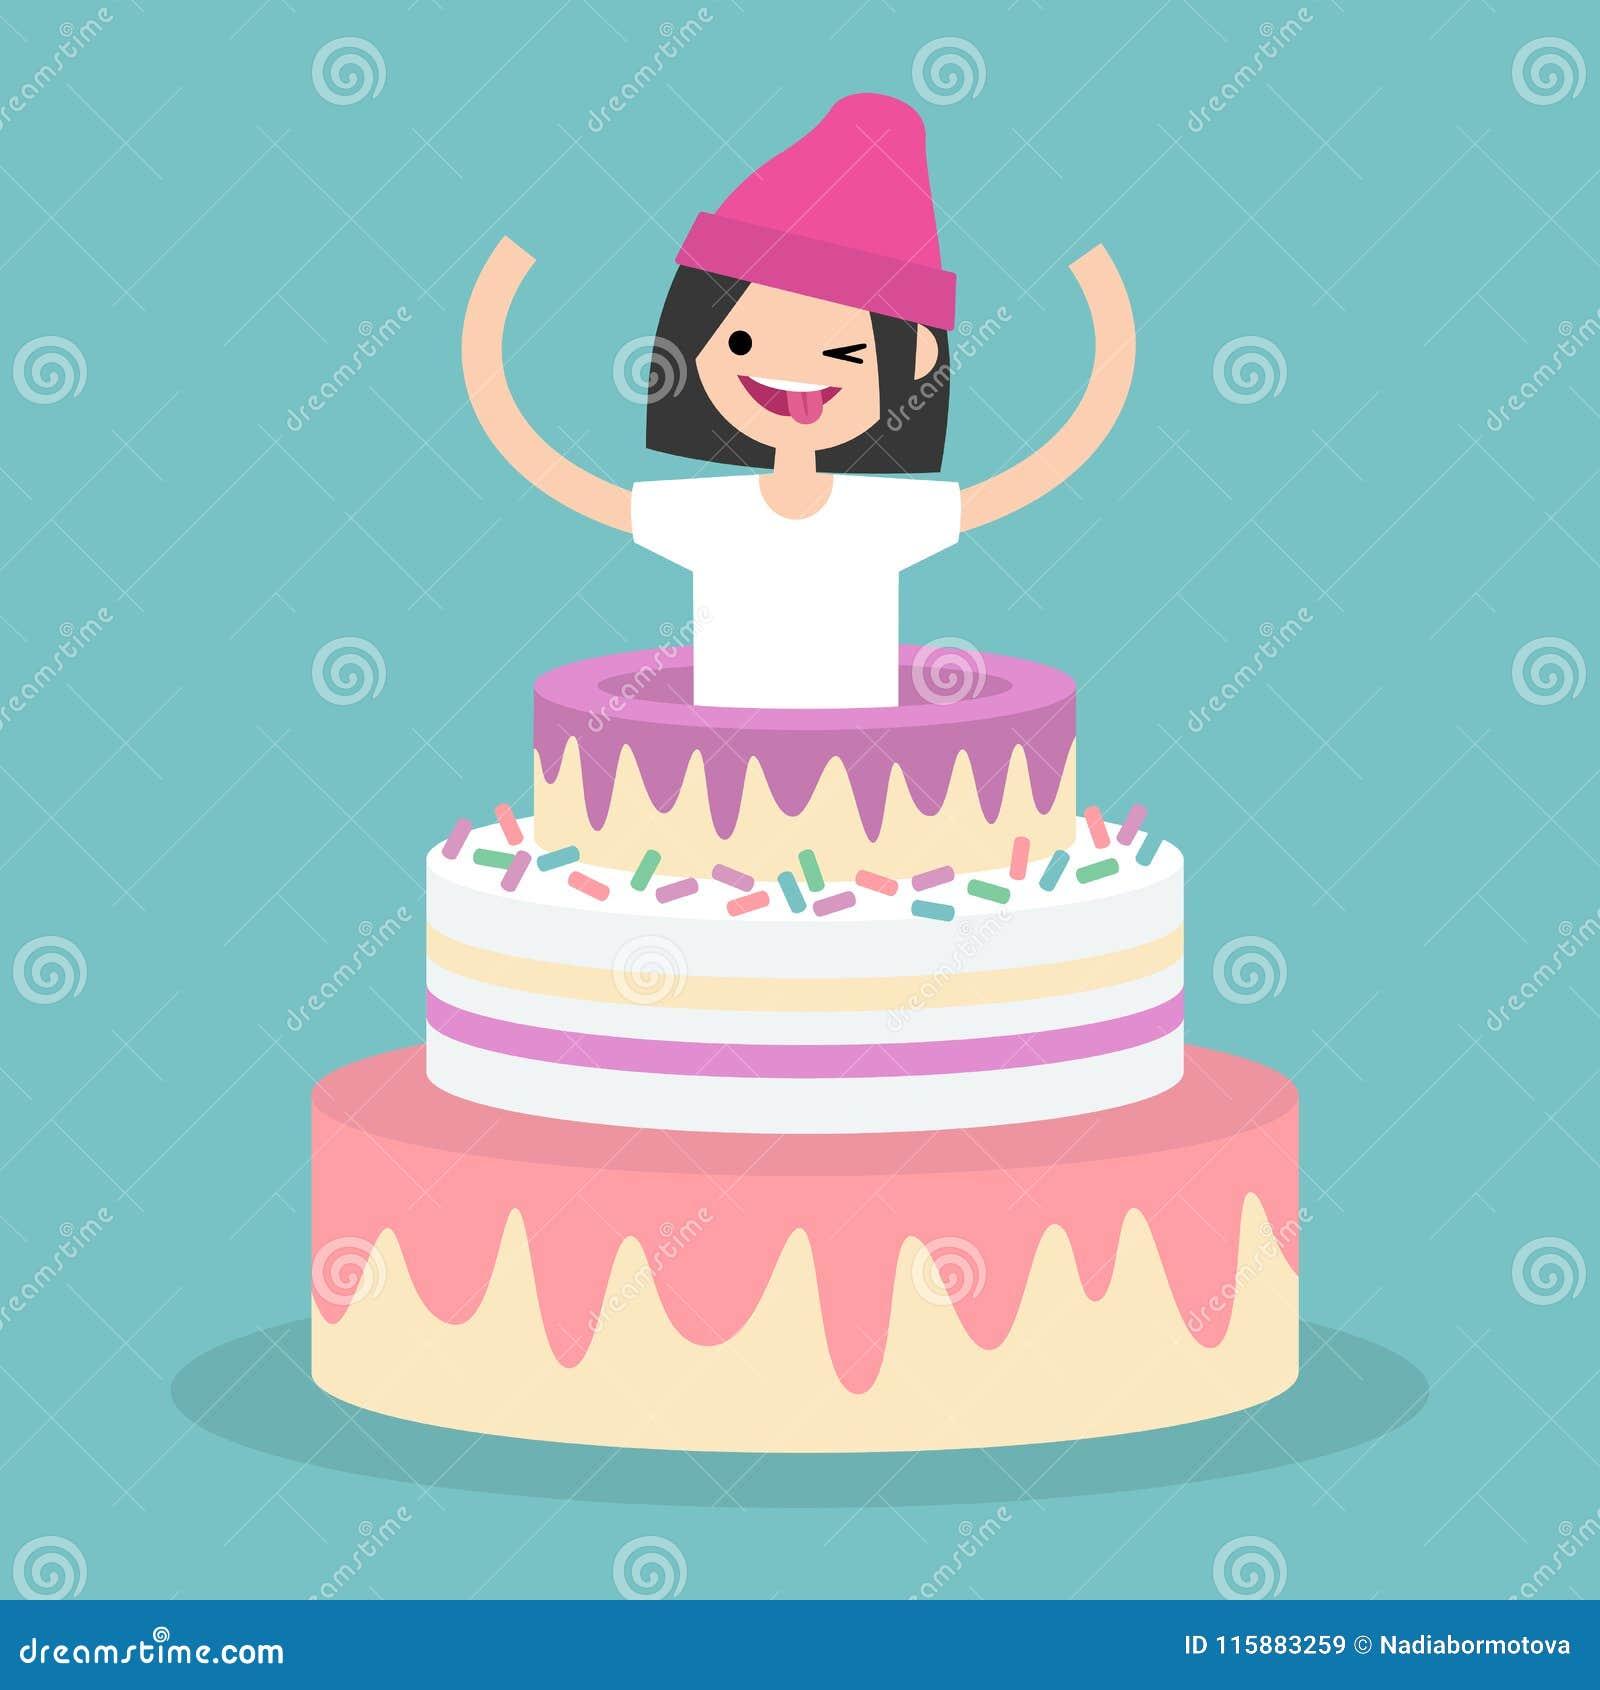 Молодой женский характер скача из торта/плоско editable vec